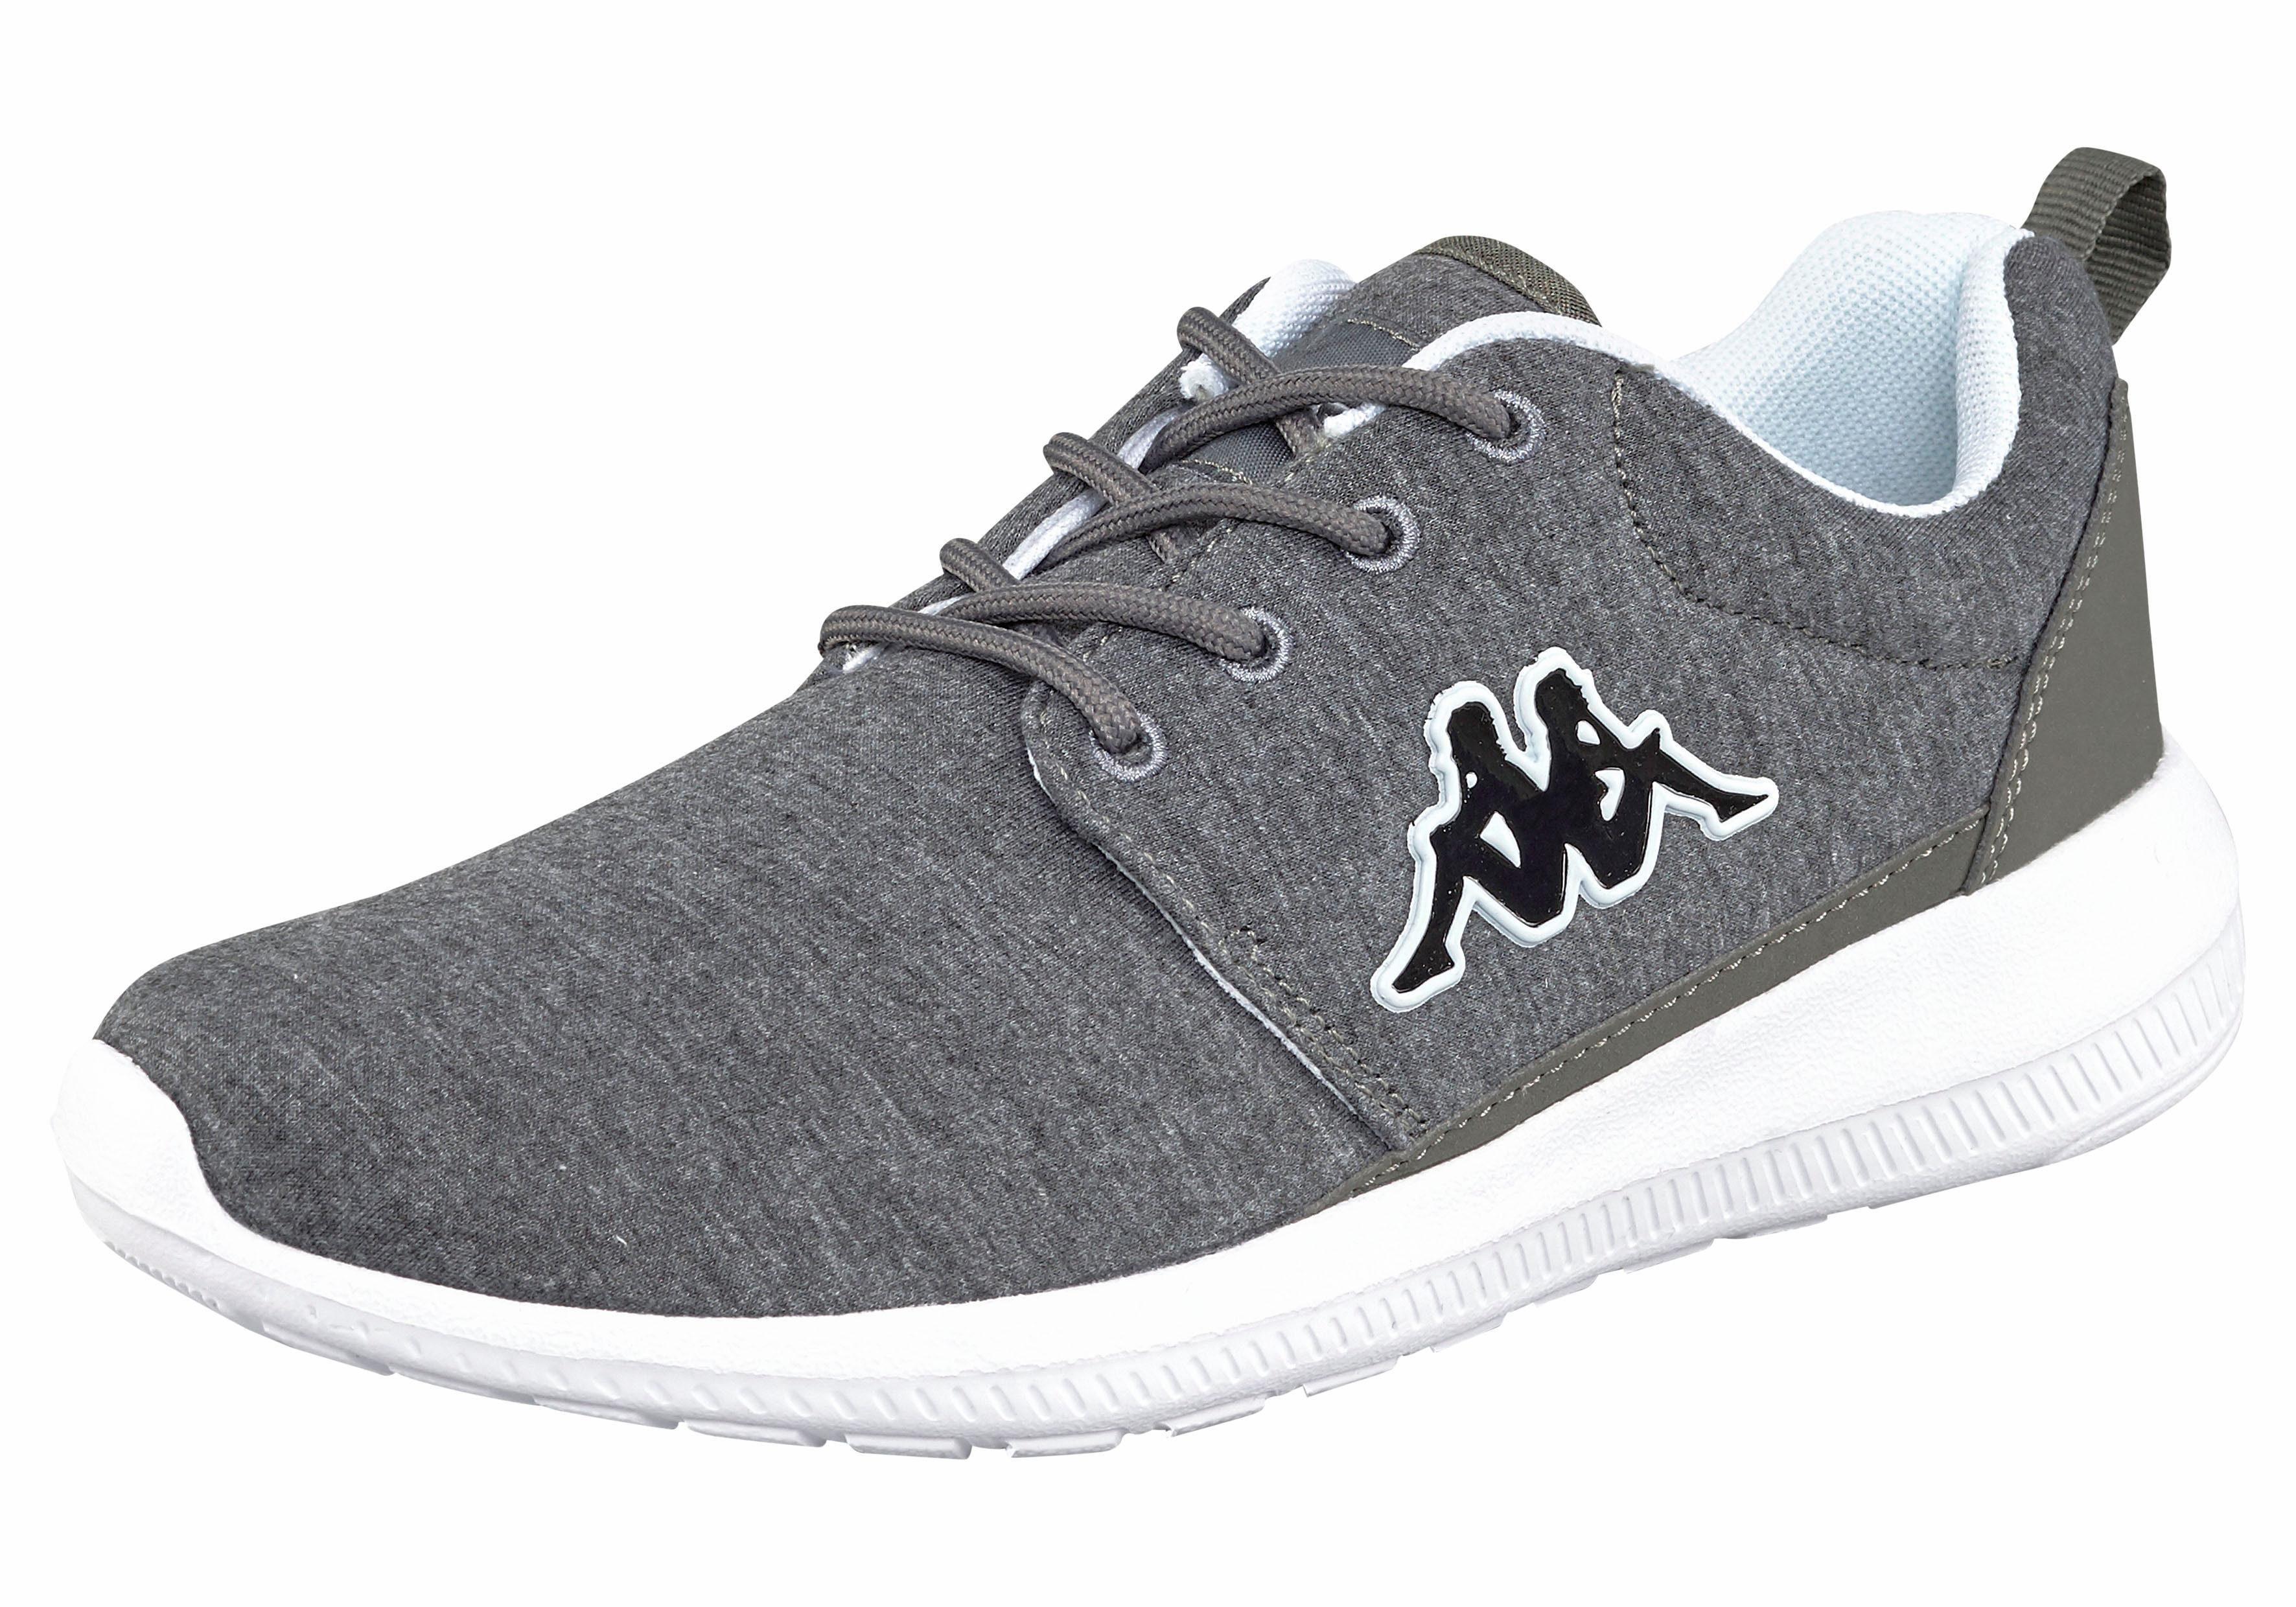 Chaussures Kappa Gris bkw5KoNXs